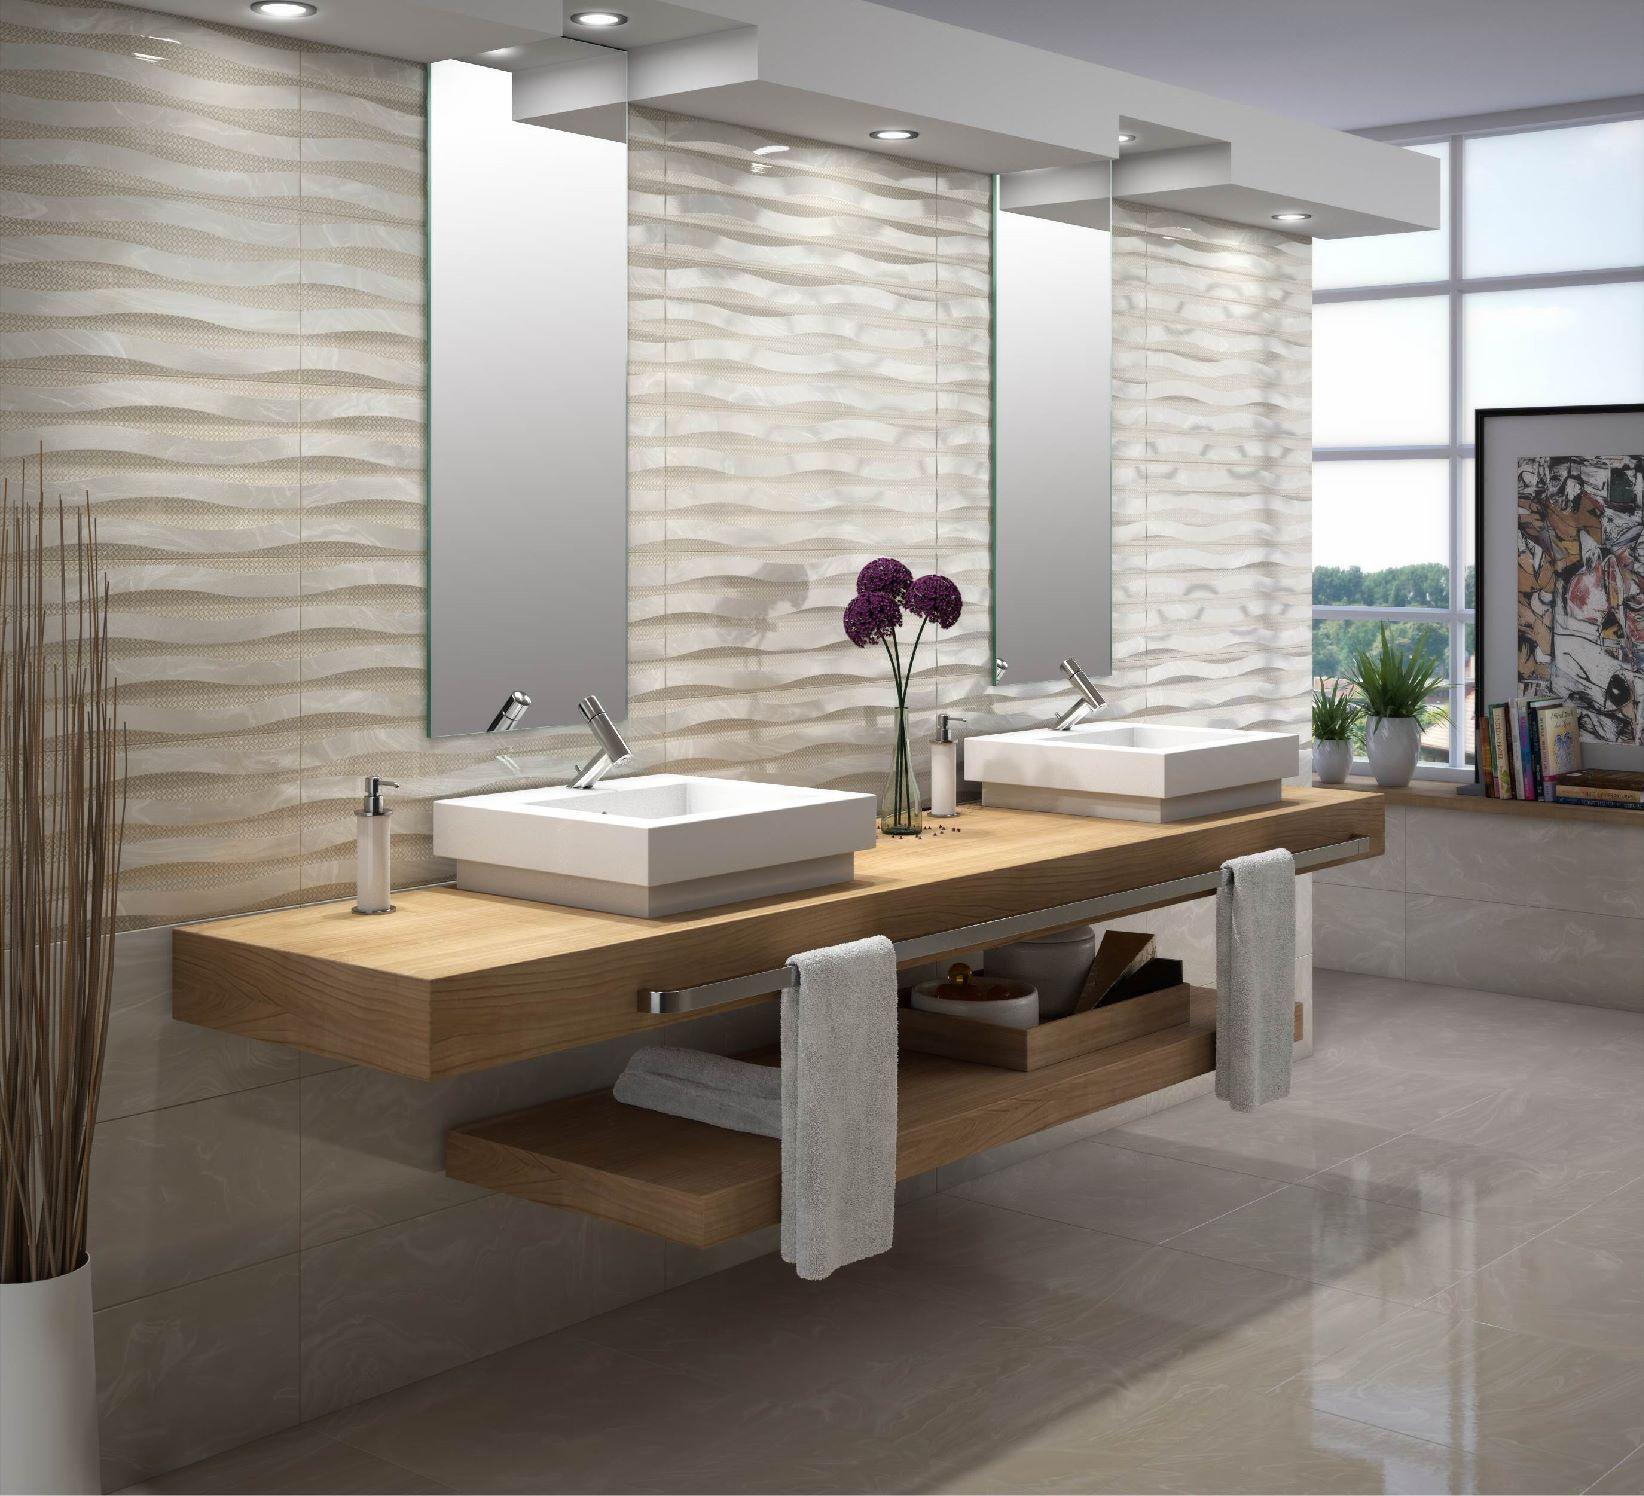 Pavimentos revestimientos azulejos ba o y cocina home for Azulejos y pavimentos sol